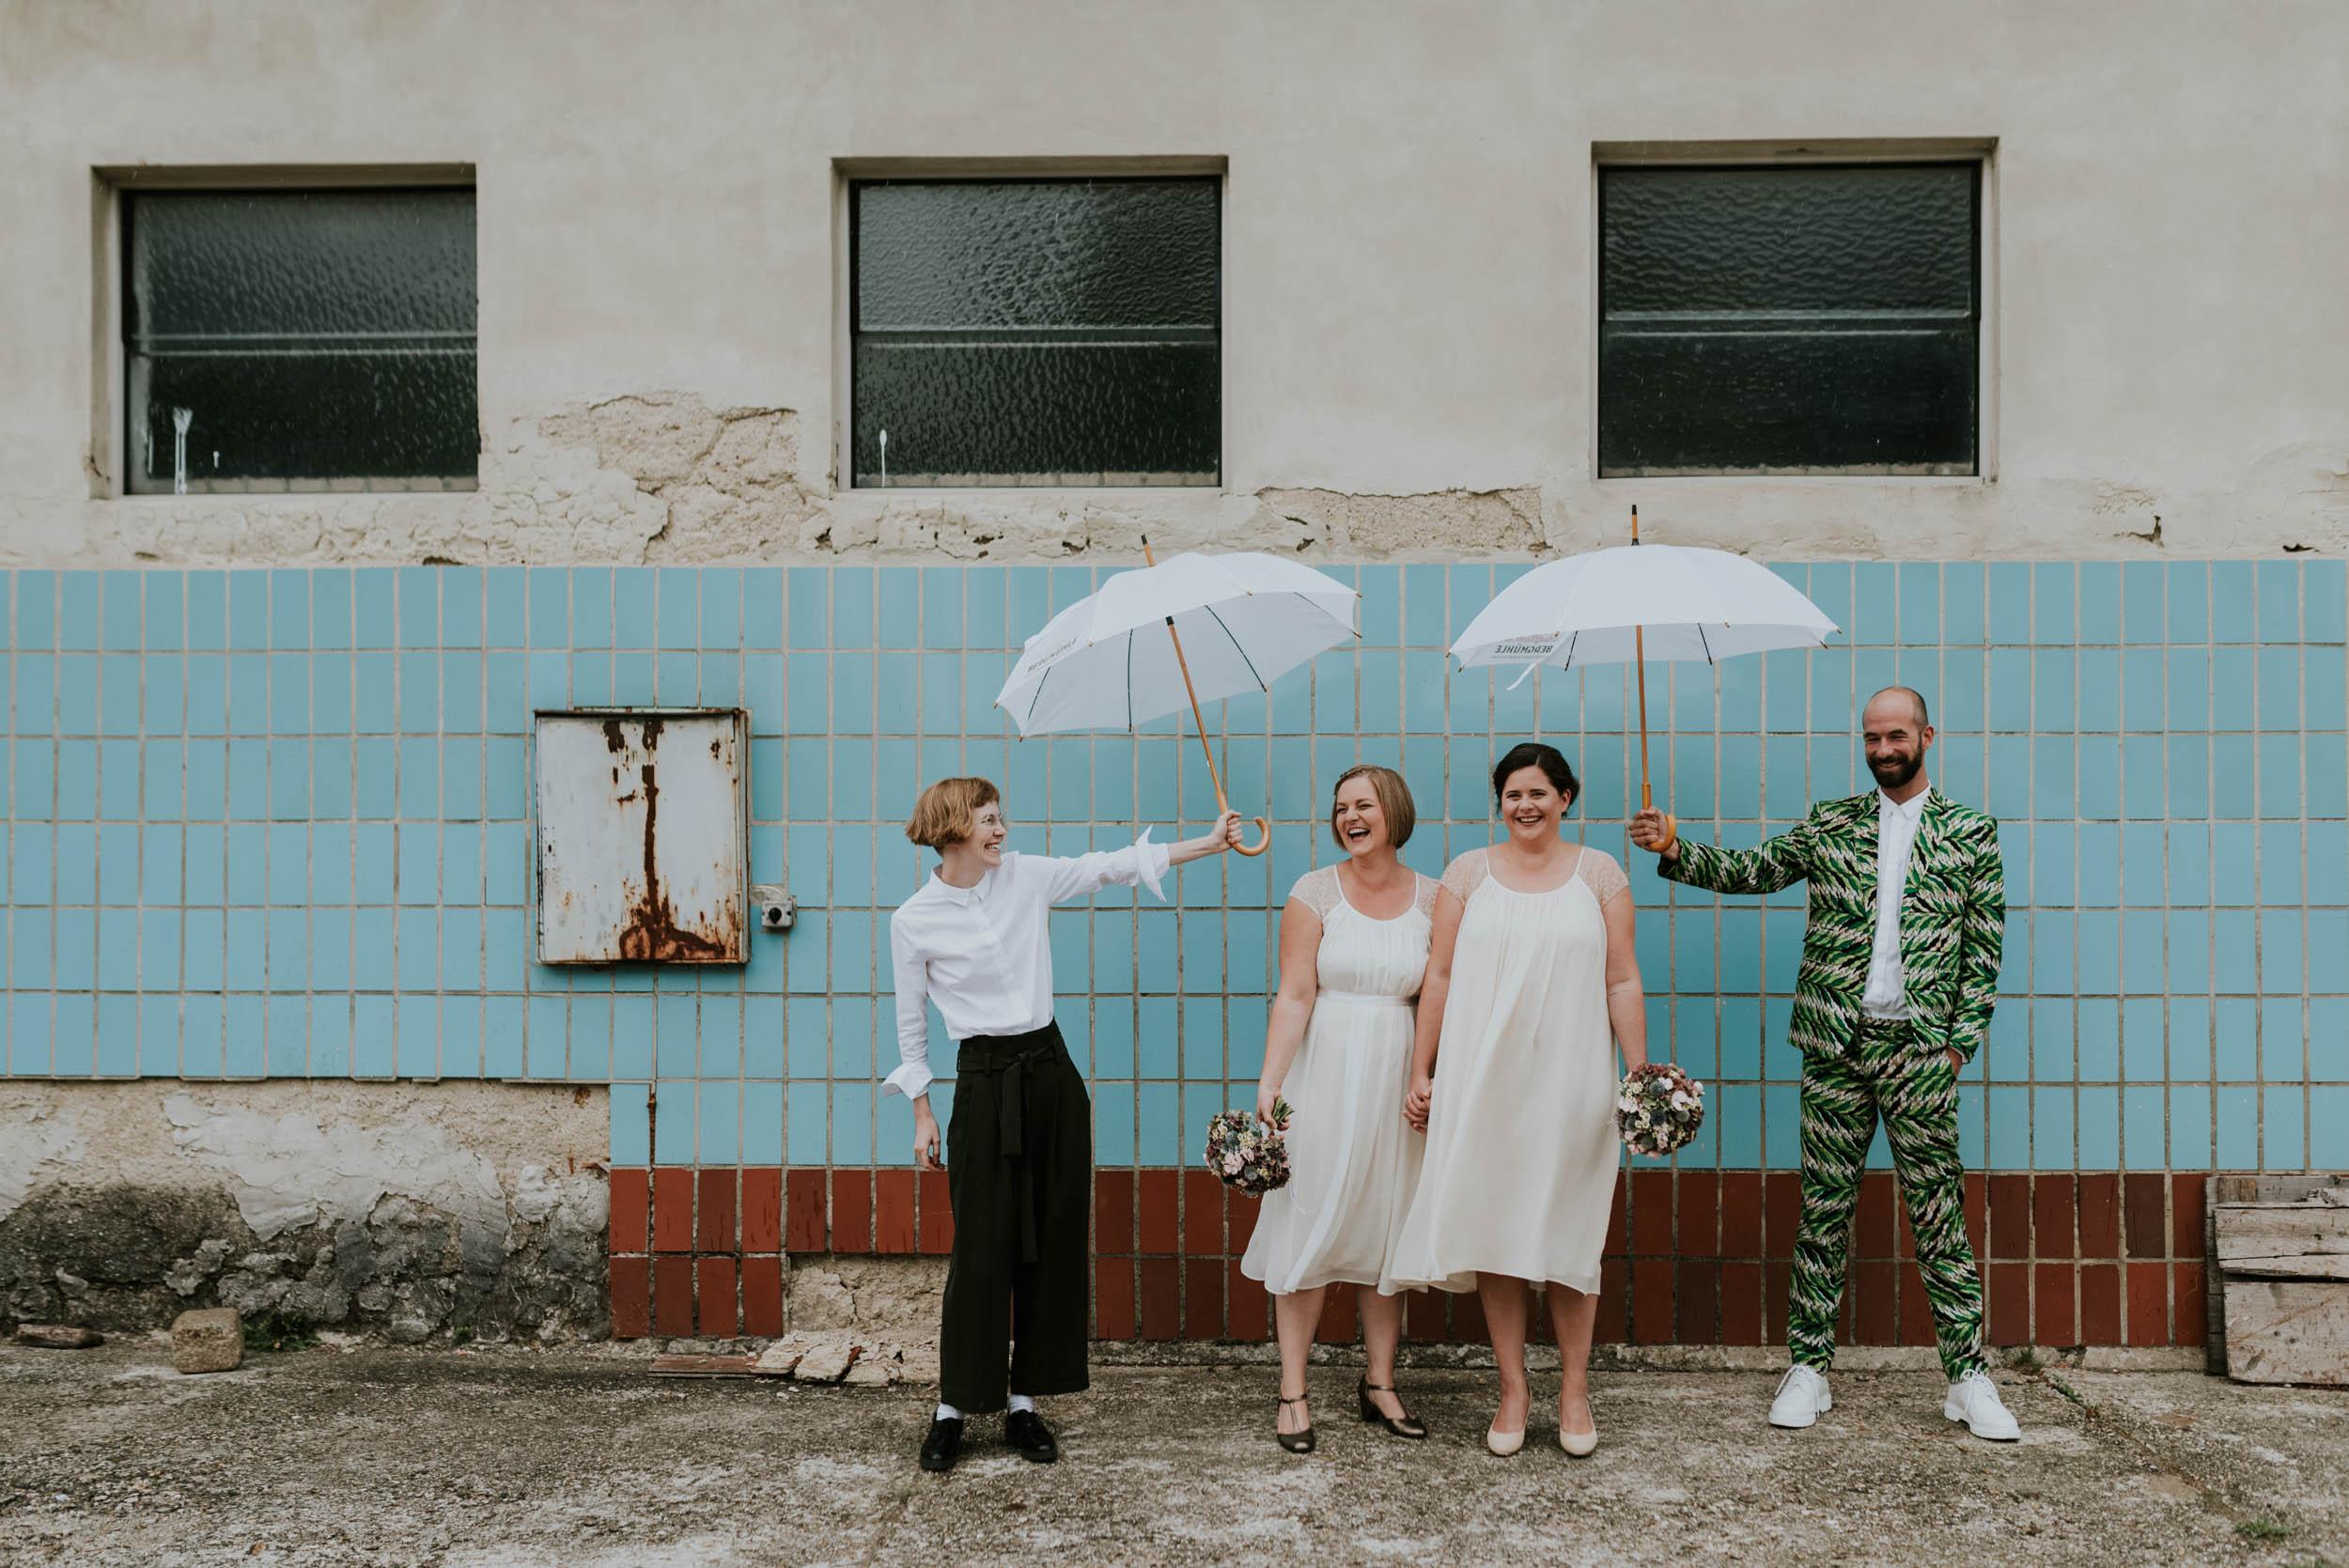 Hochzeit_Stadtflucht Bergmühle_belle&sass0010.jpg